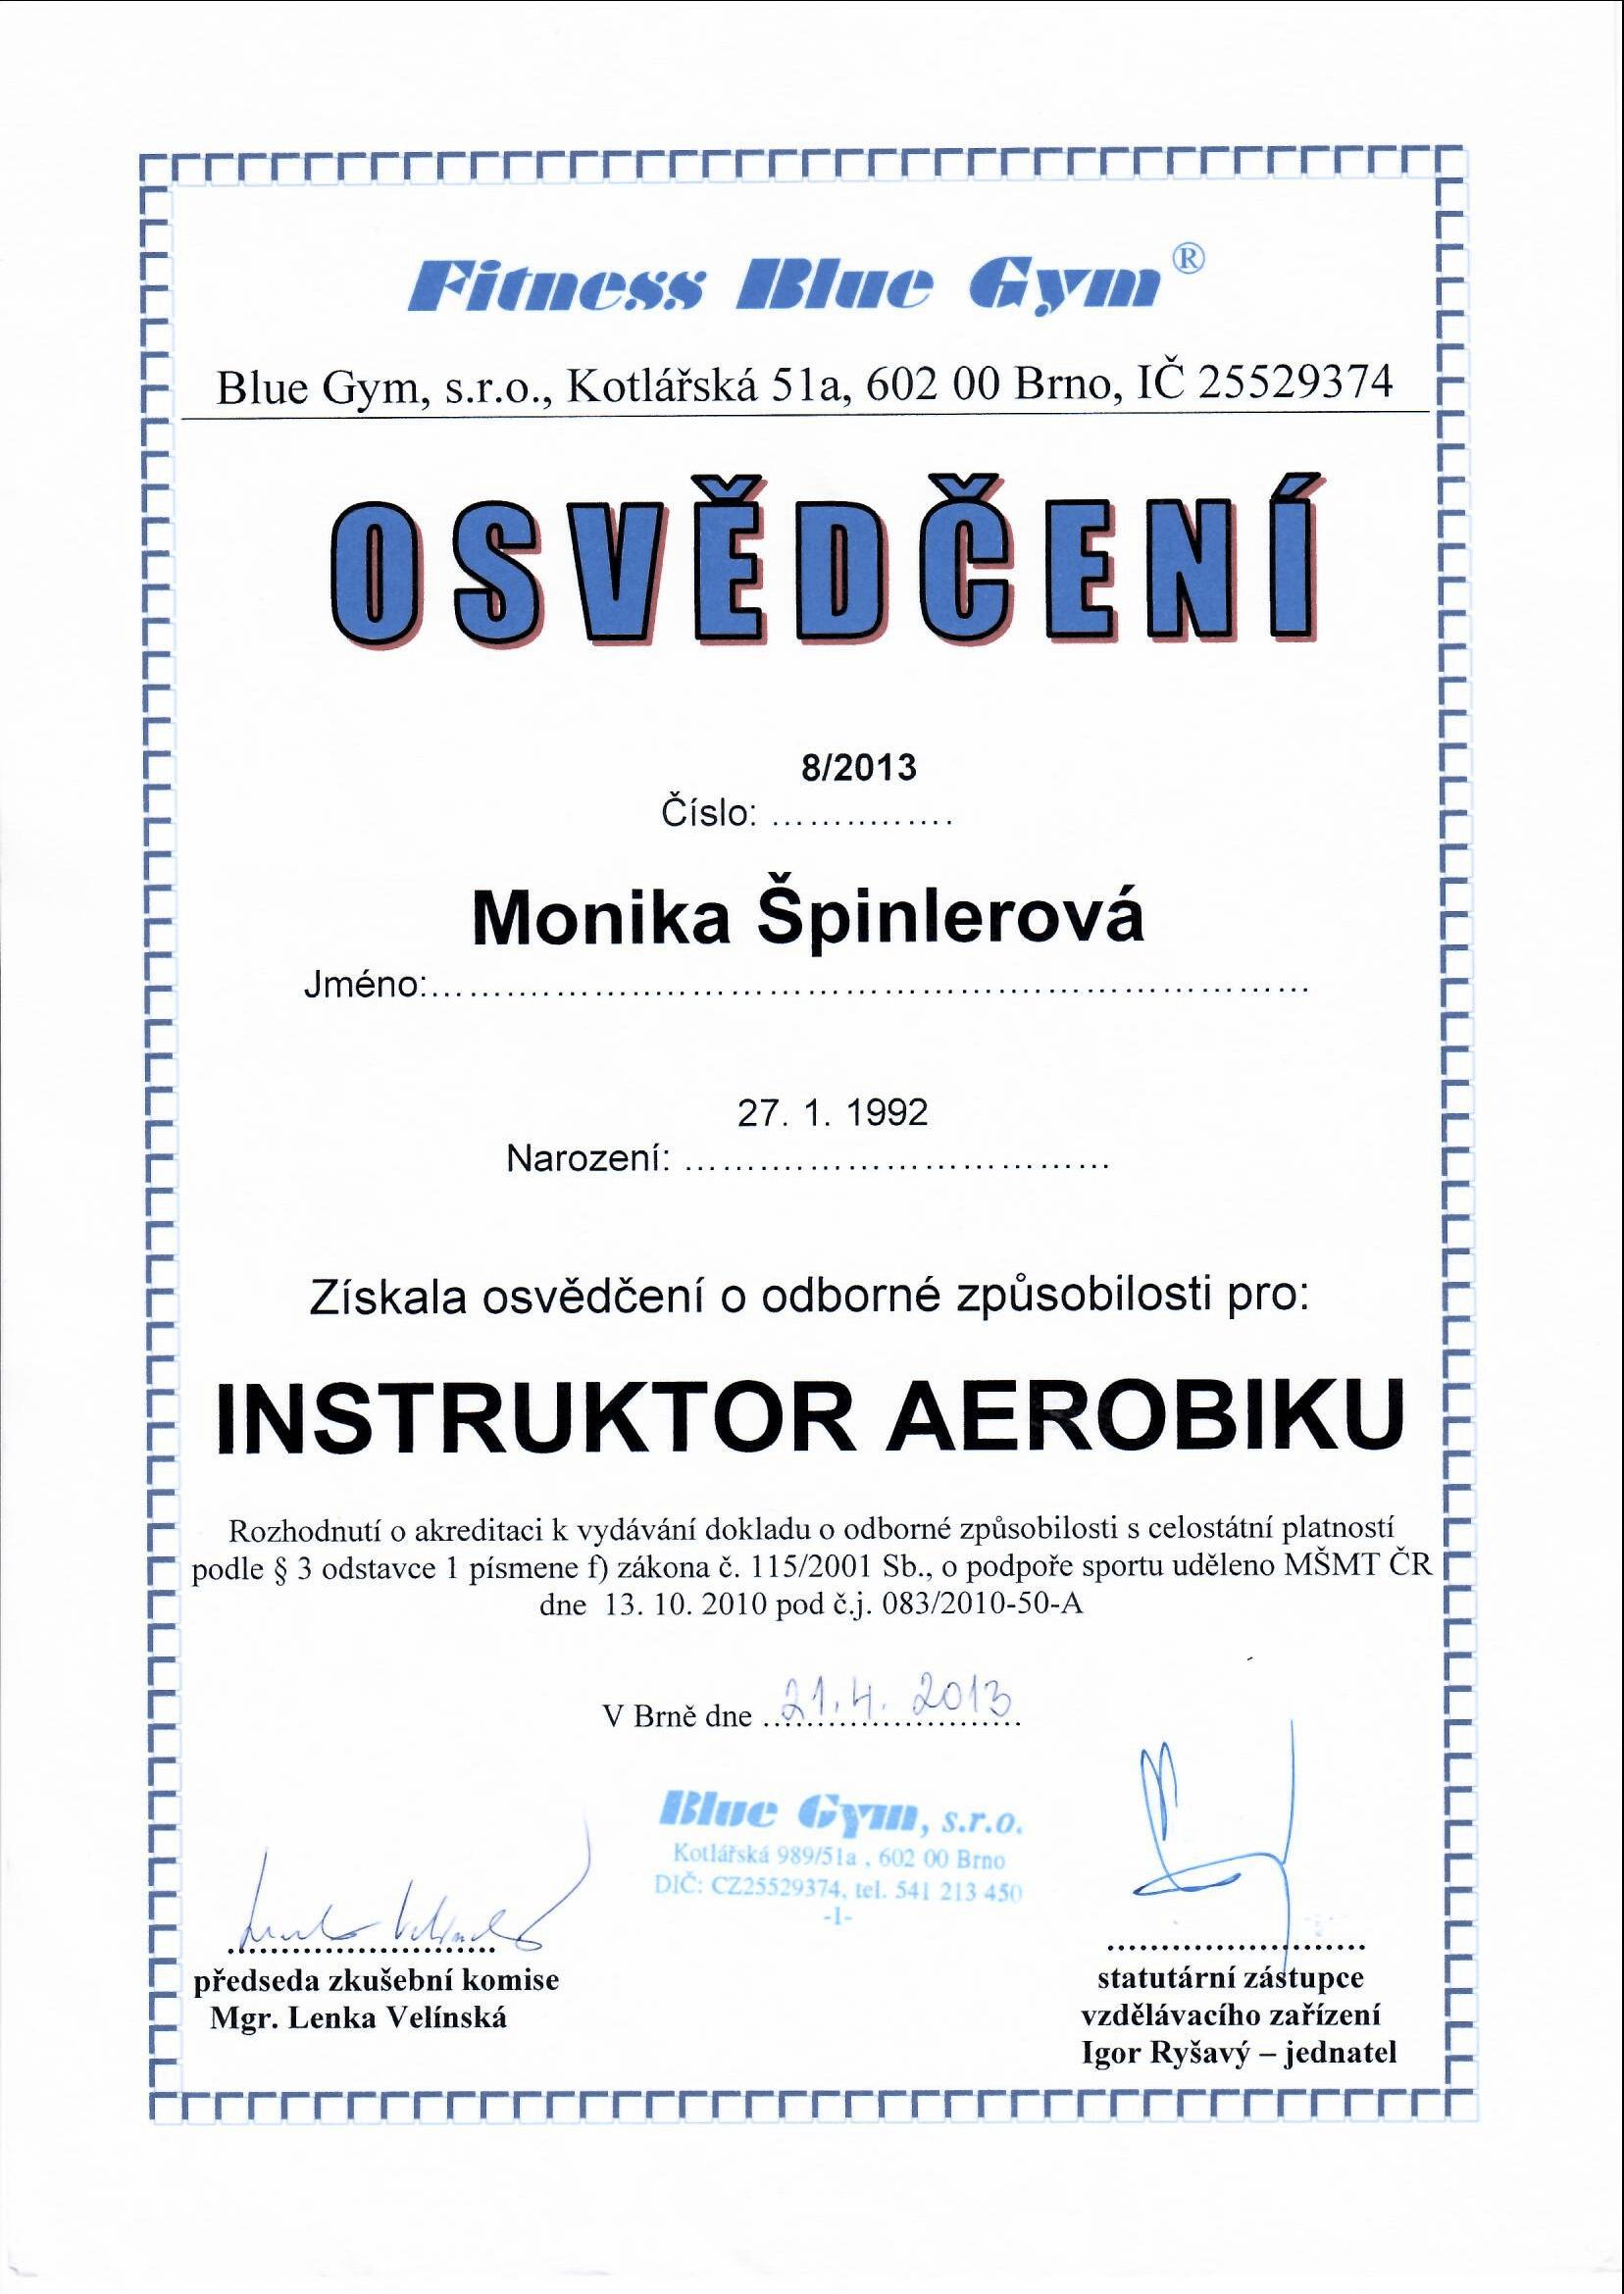 Osvědčení odborné způsobilosti Instruktor aerobiku